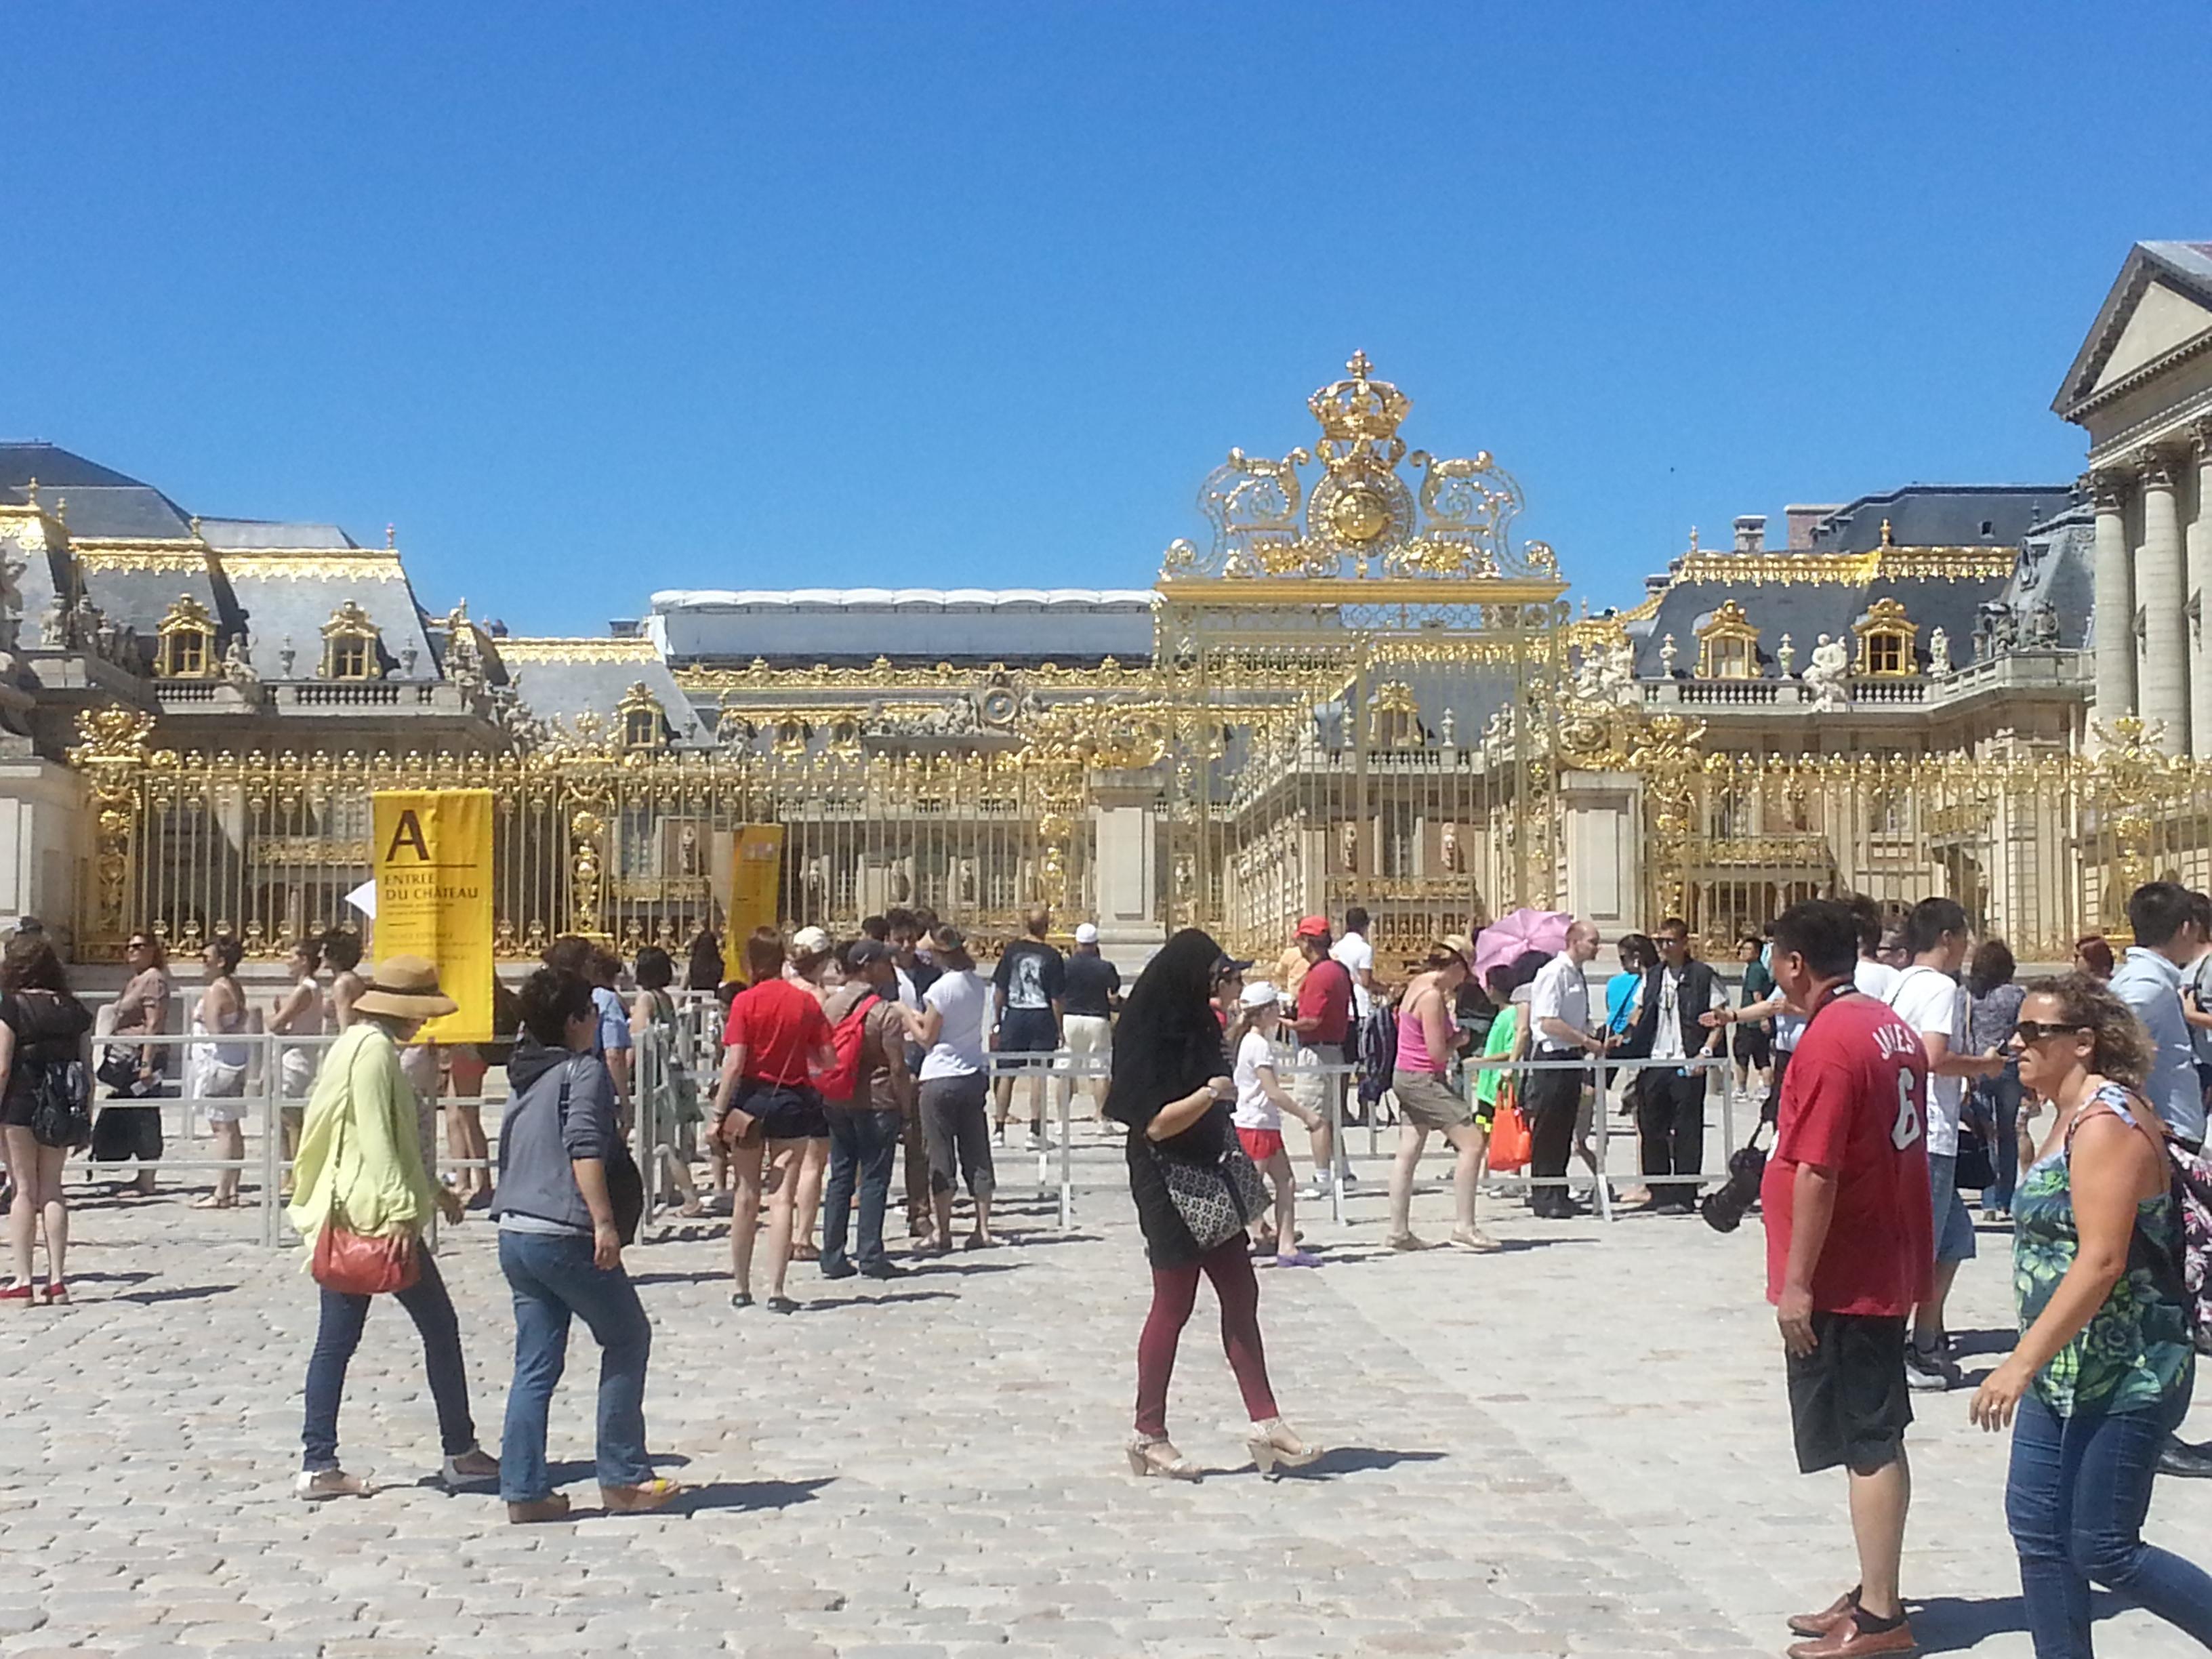 52. 베르사유 궁전 관광